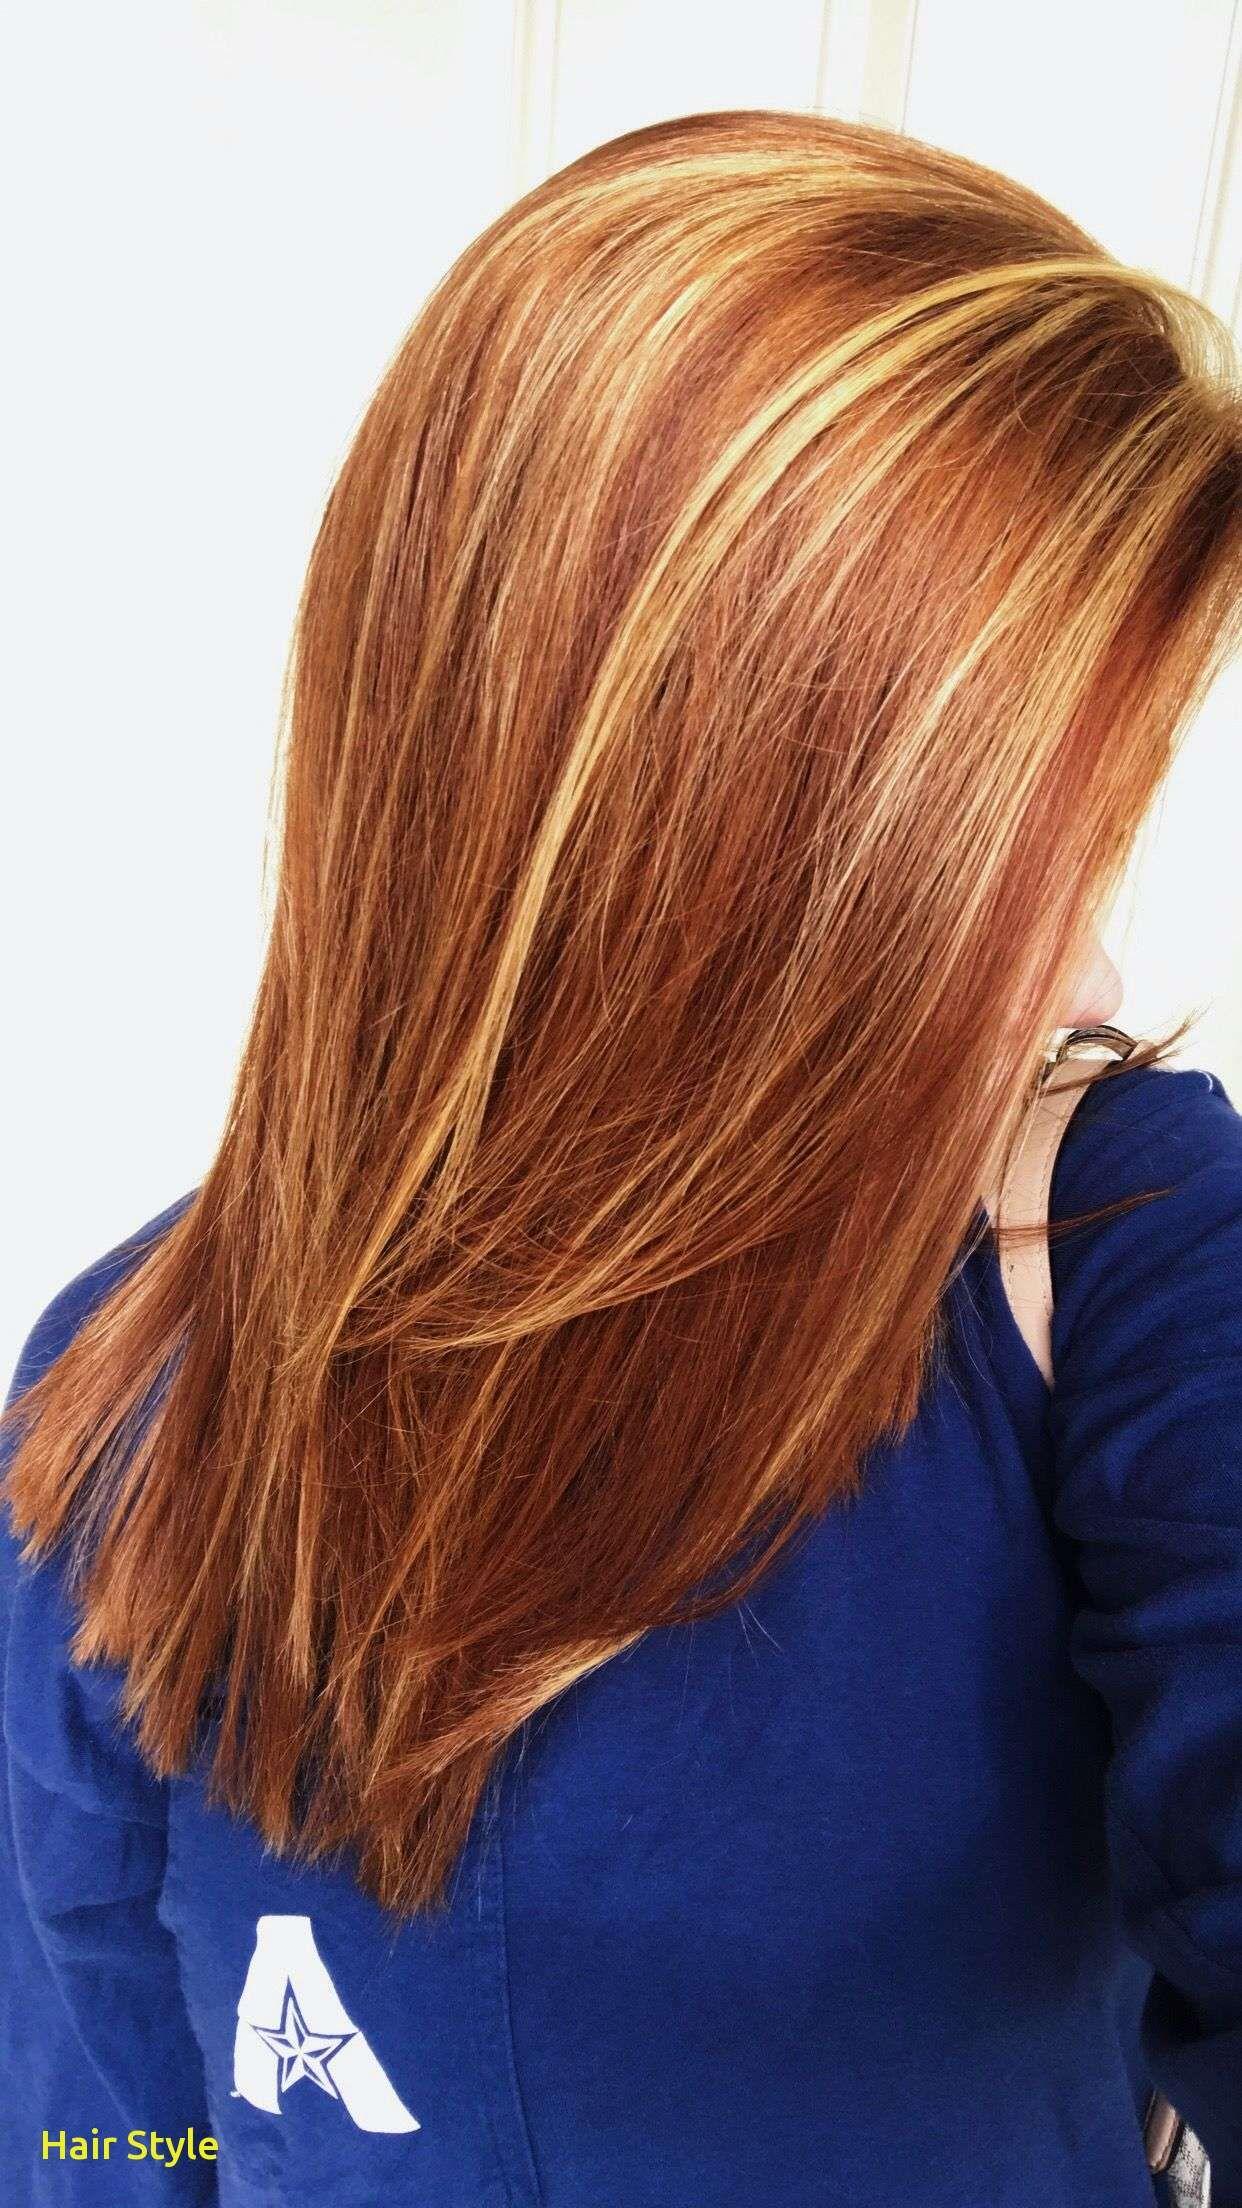 Verwenden Sie atemberaubende,   natürlich aussehende Ingwer-Haarfärbemittel